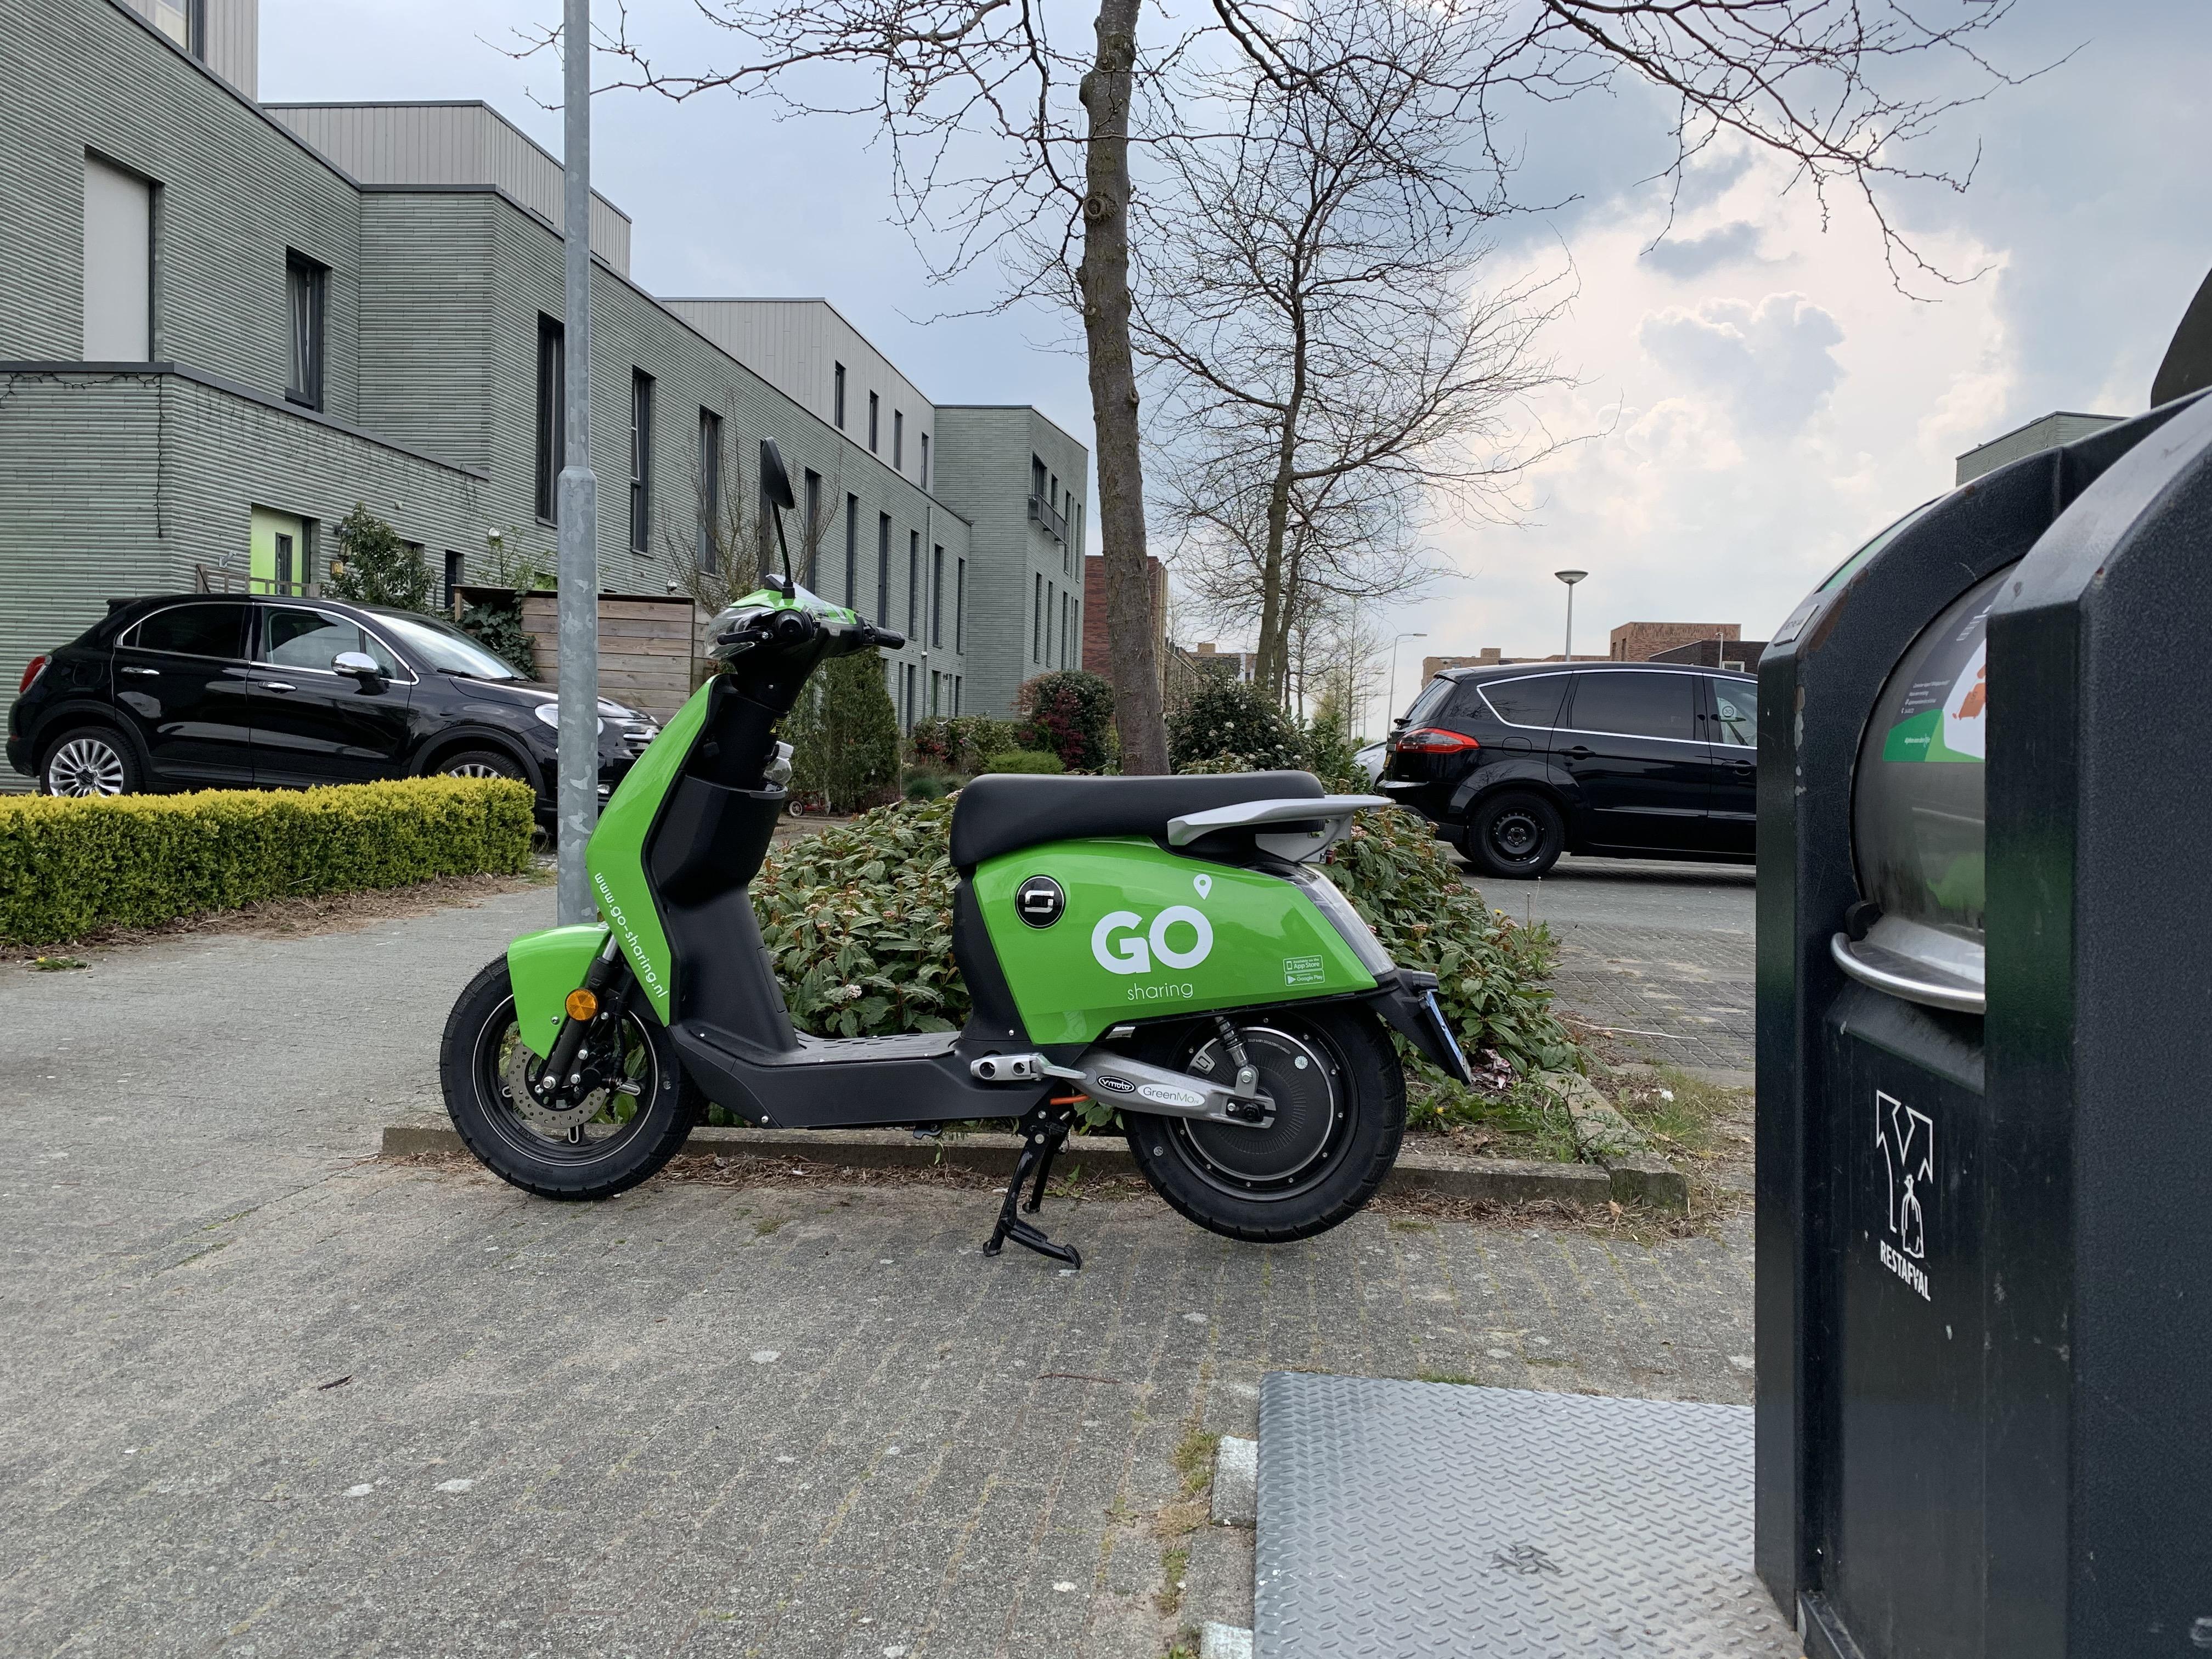 Veel klachten over 'lukraak geparkeerde' deelscooters, illegale rijders en vernielingen voertuigen in Alphen aan den Rijn